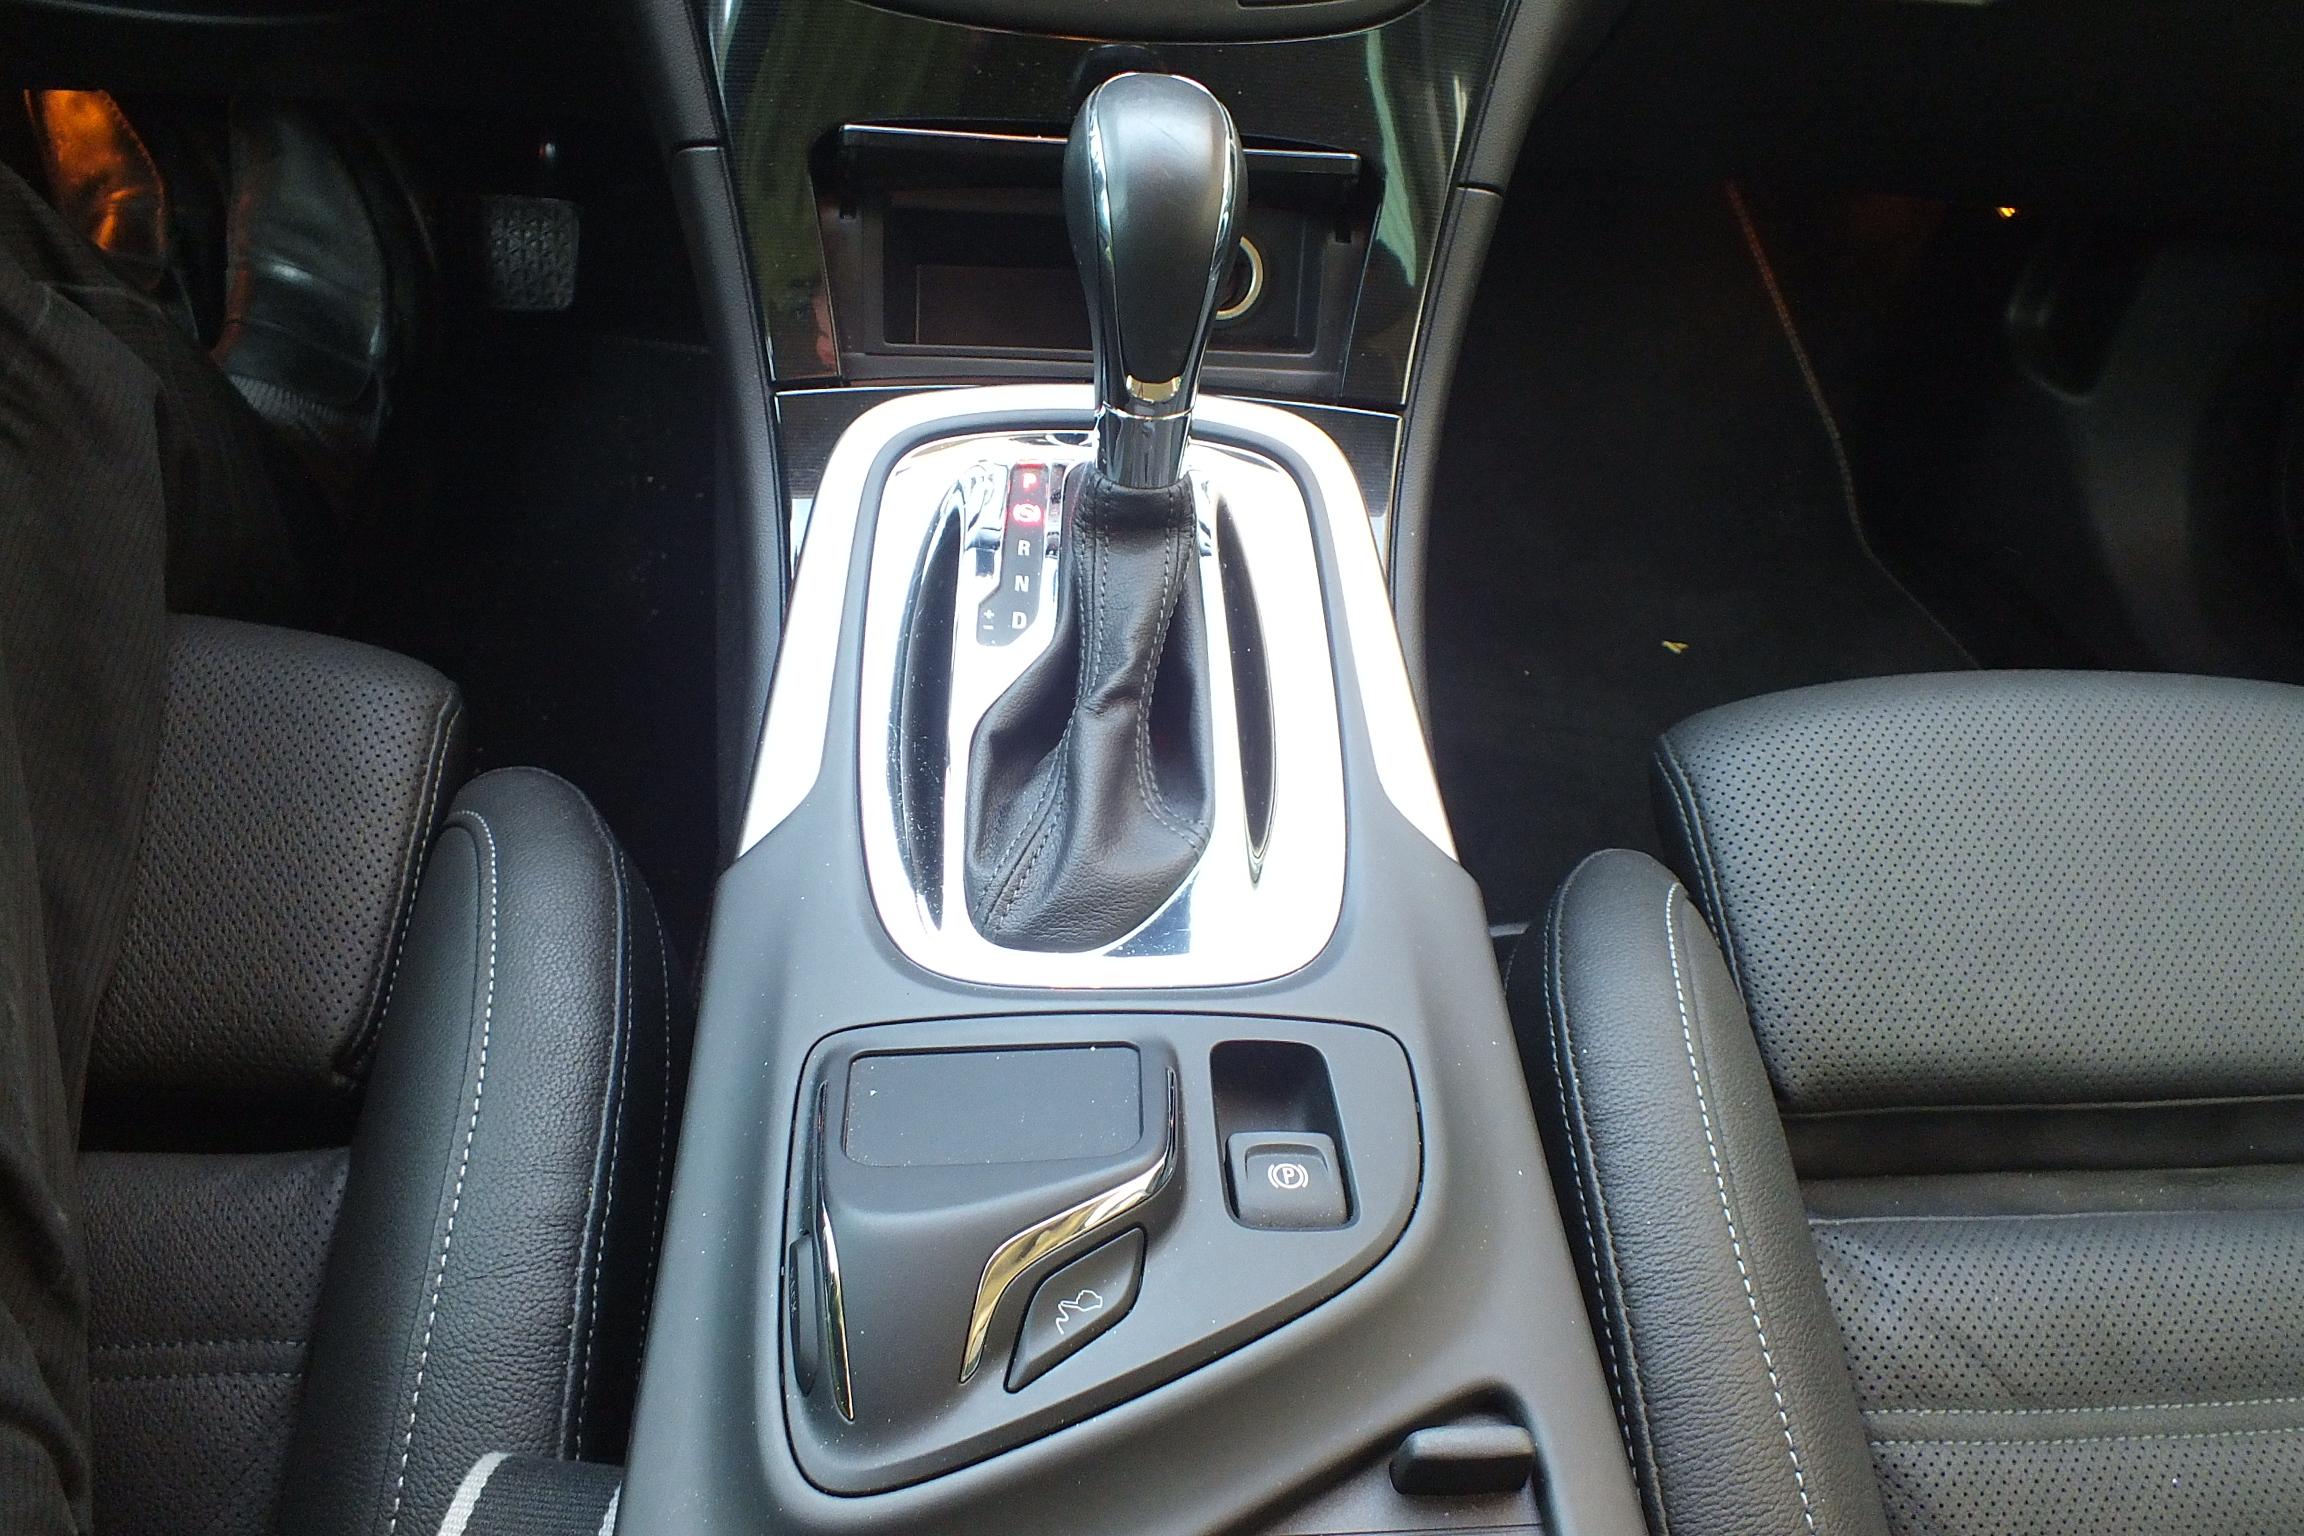 Essai Opel Insignia Country Tourer 4x4 Marchande Des 4